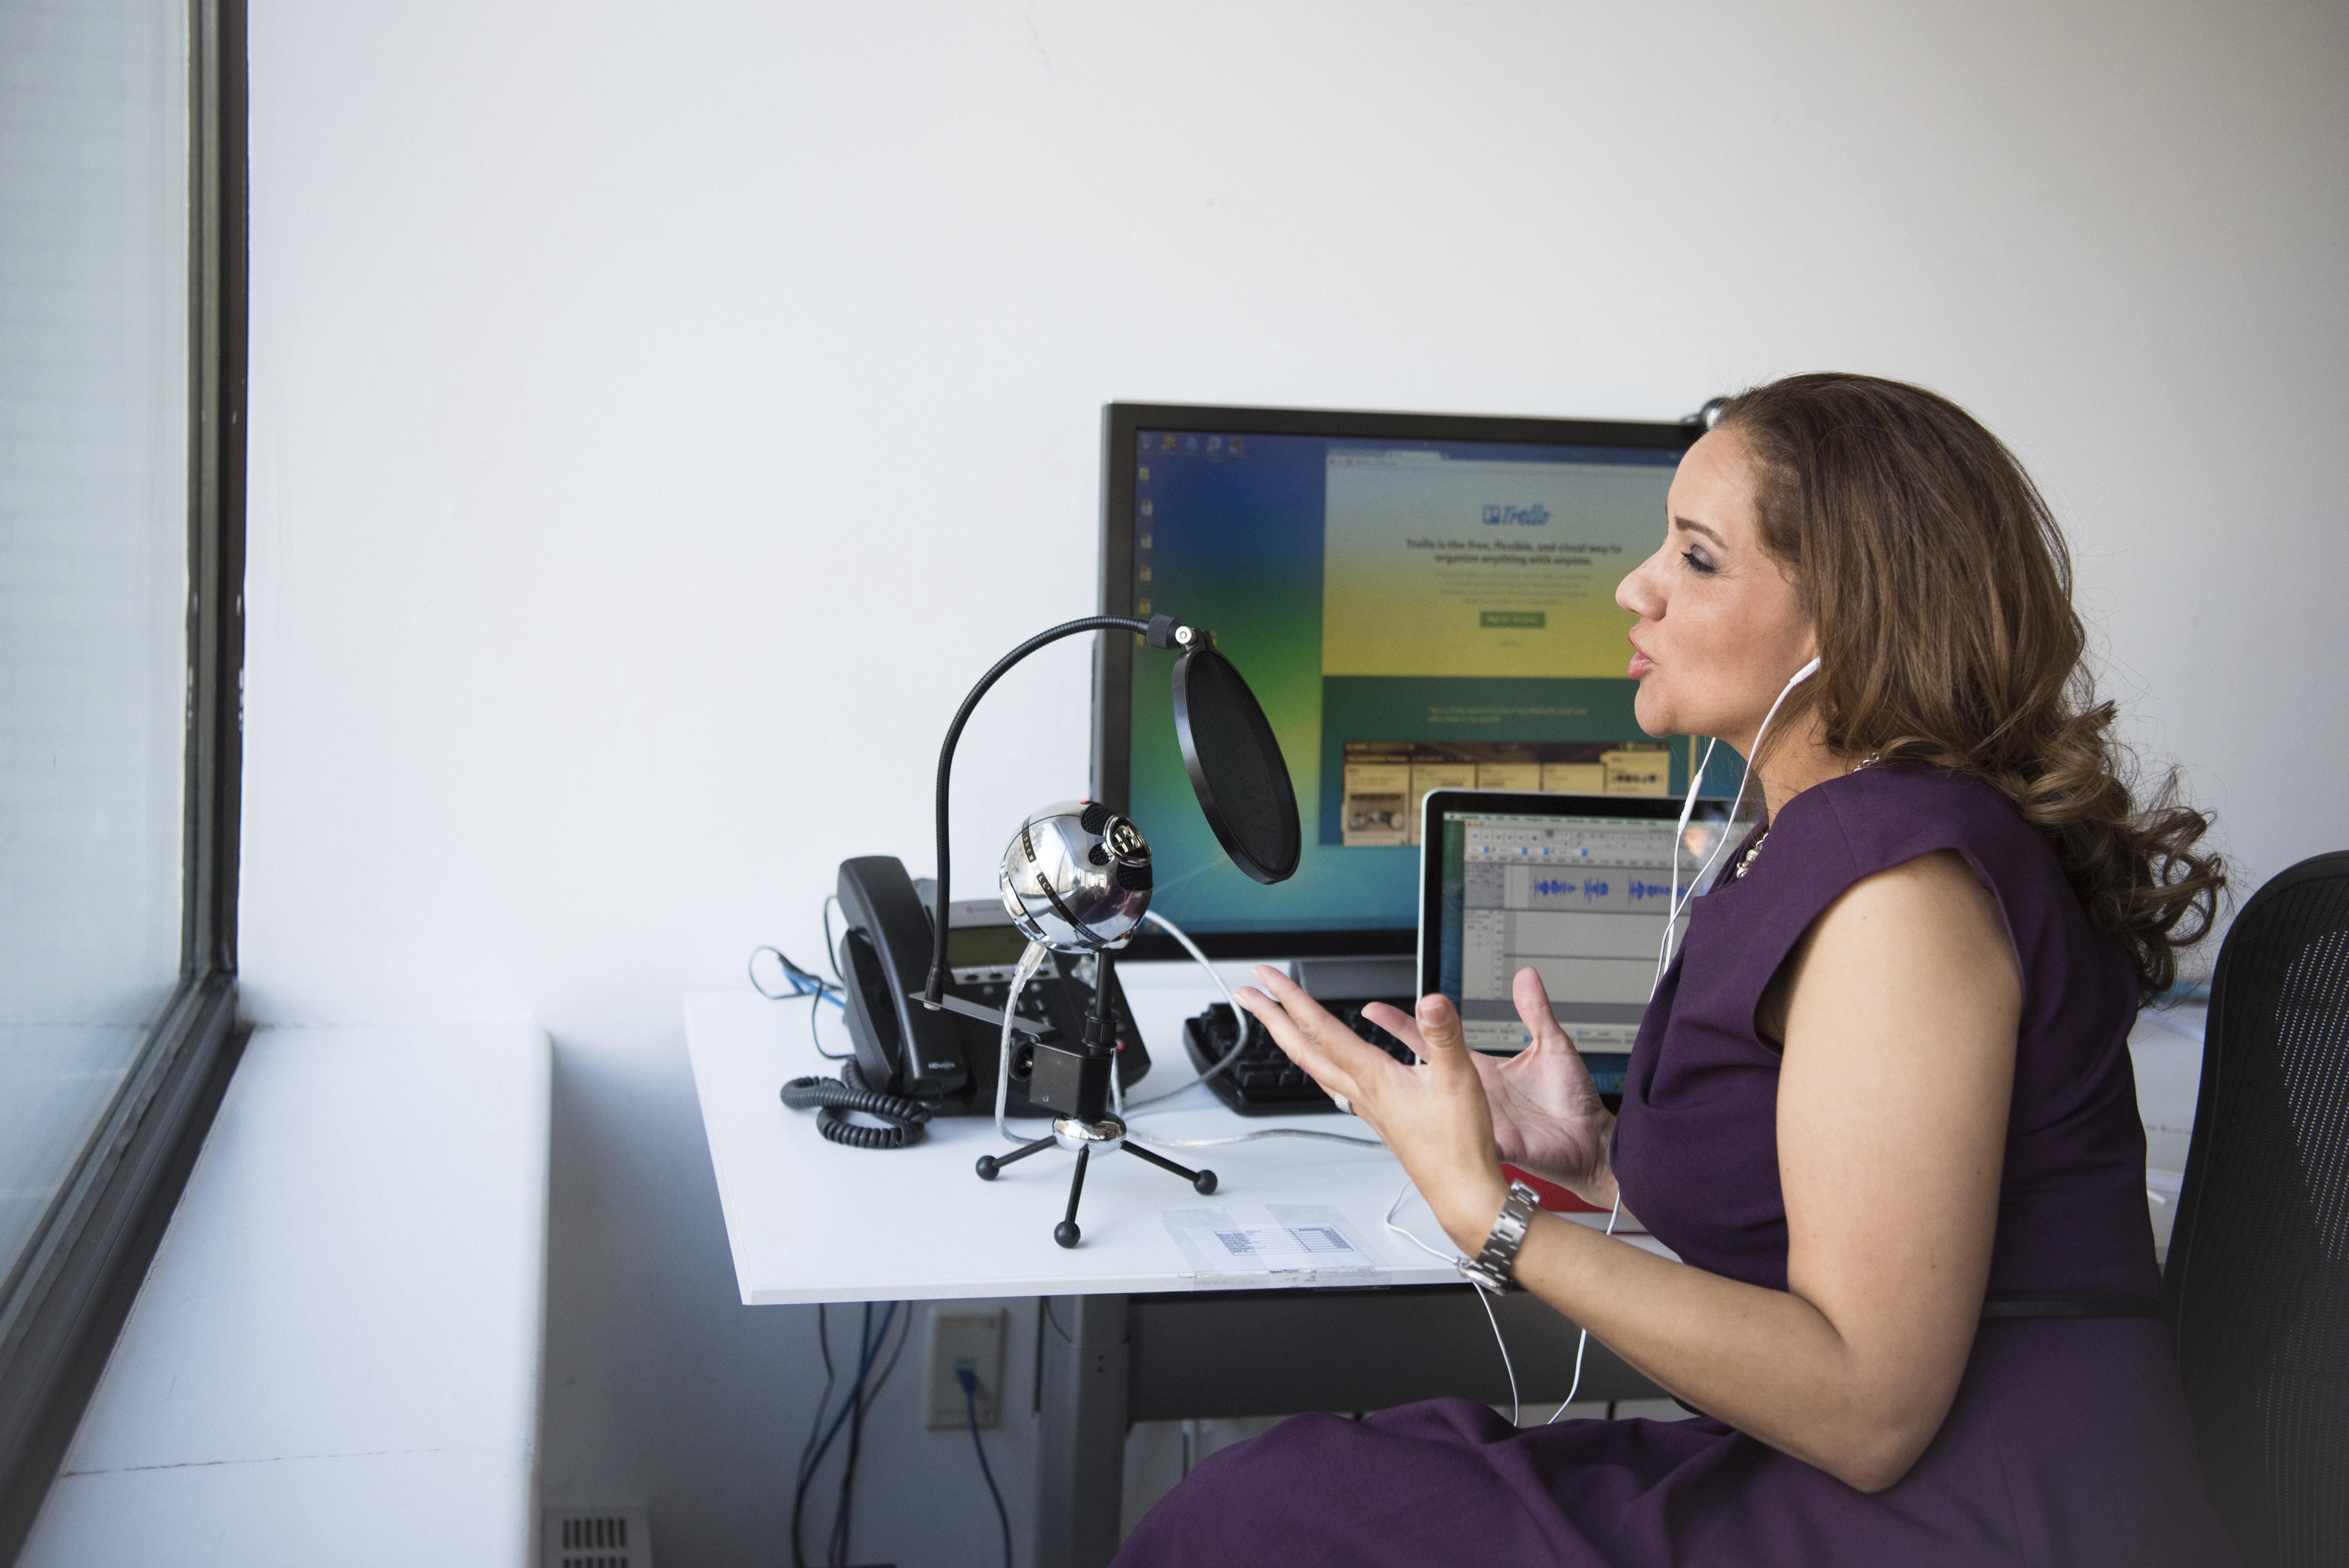 Comment Mediameeting transforme la radio d'entrepriseà l'heure de la pandémie